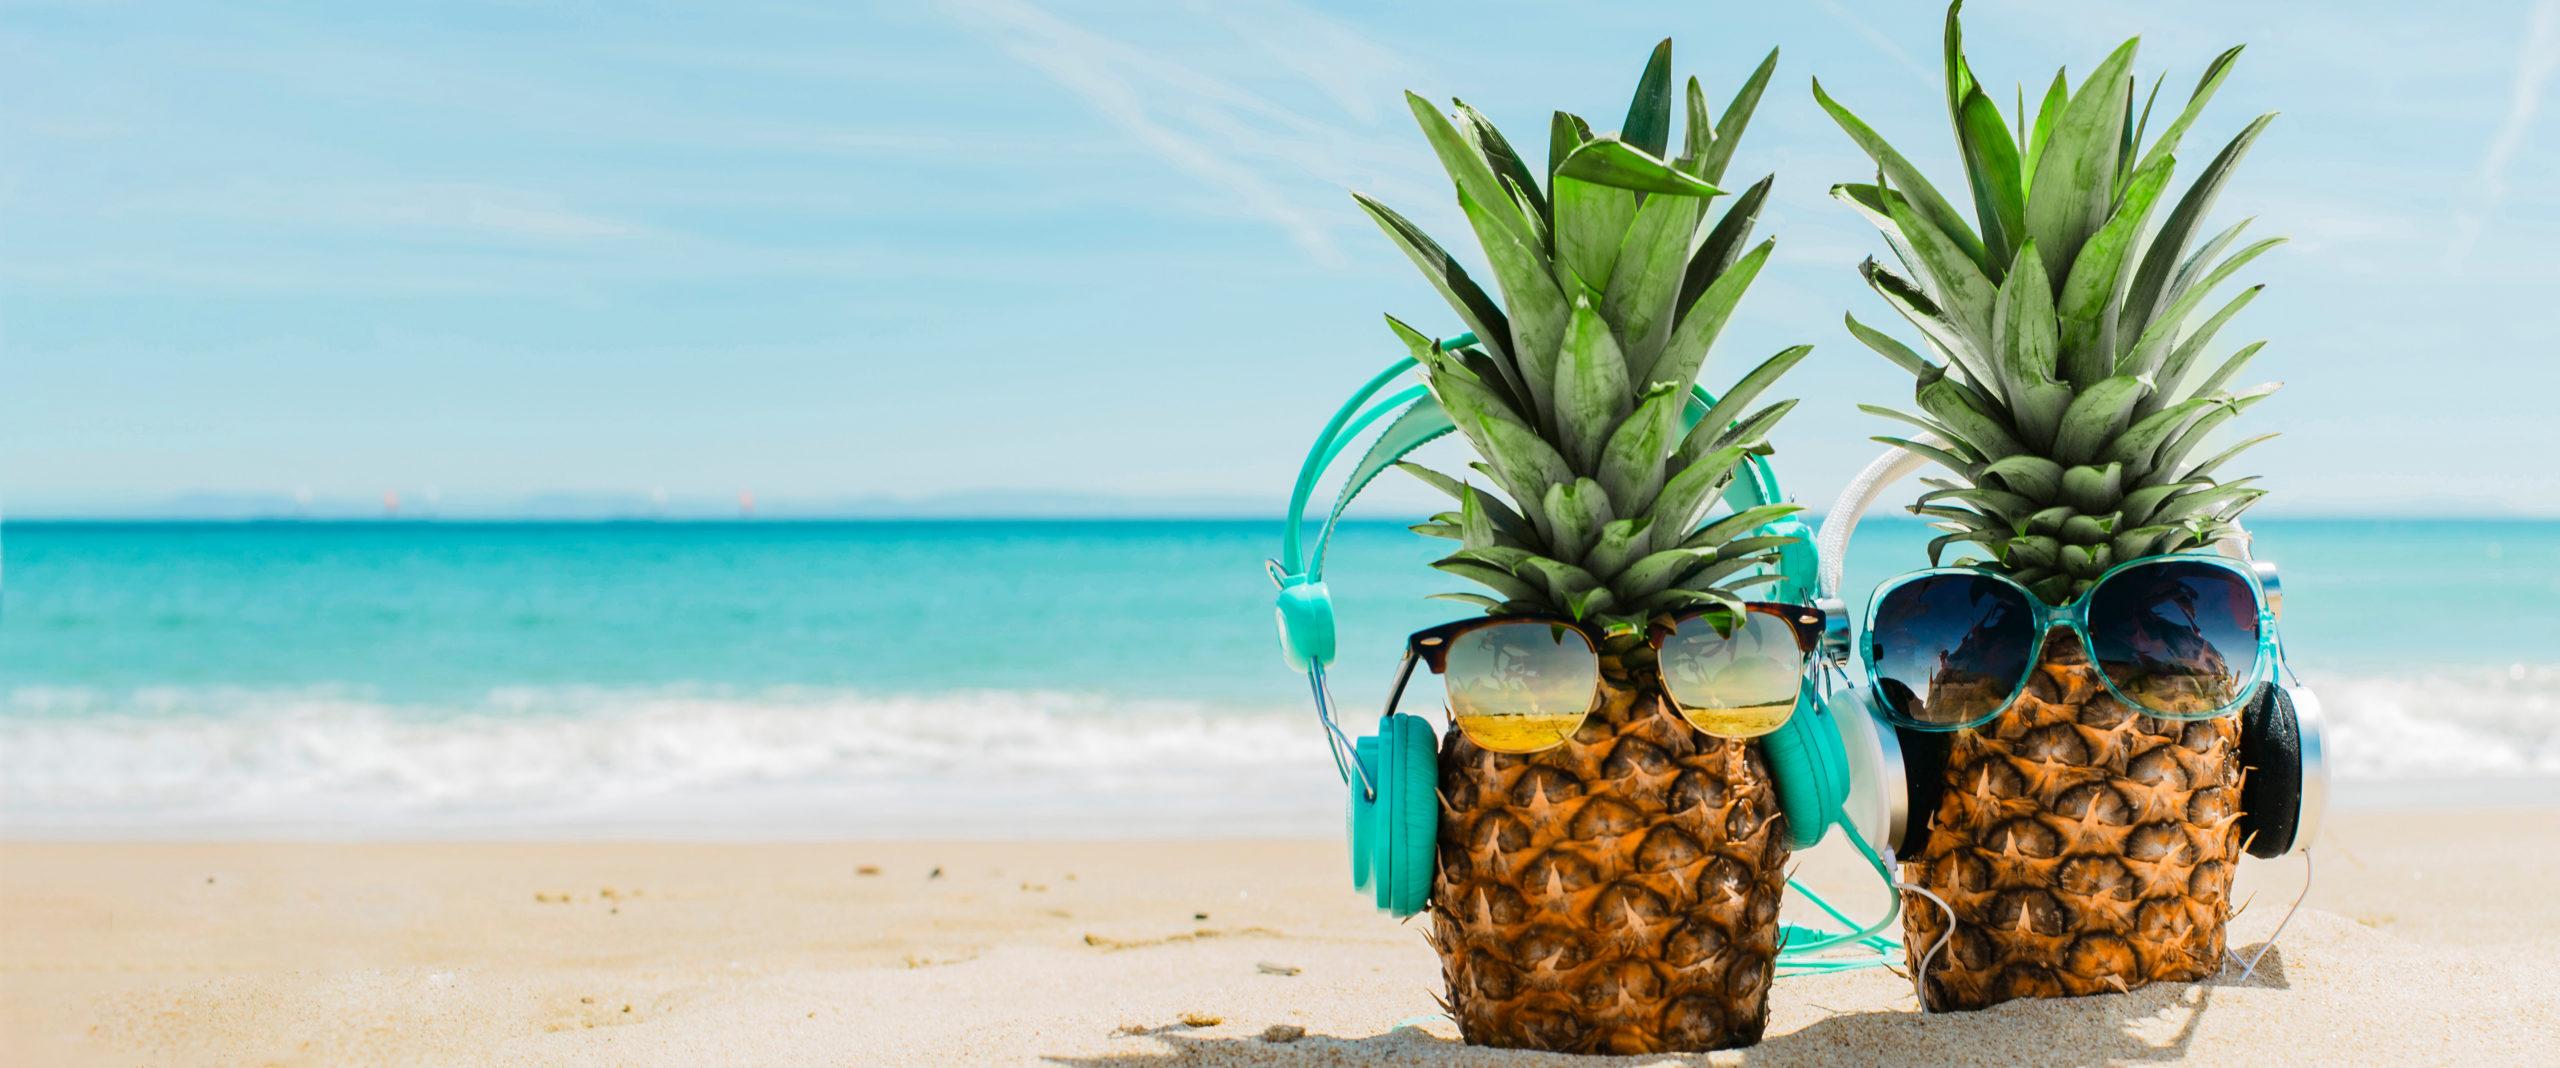 Una piña en el mar para motivar en el verano